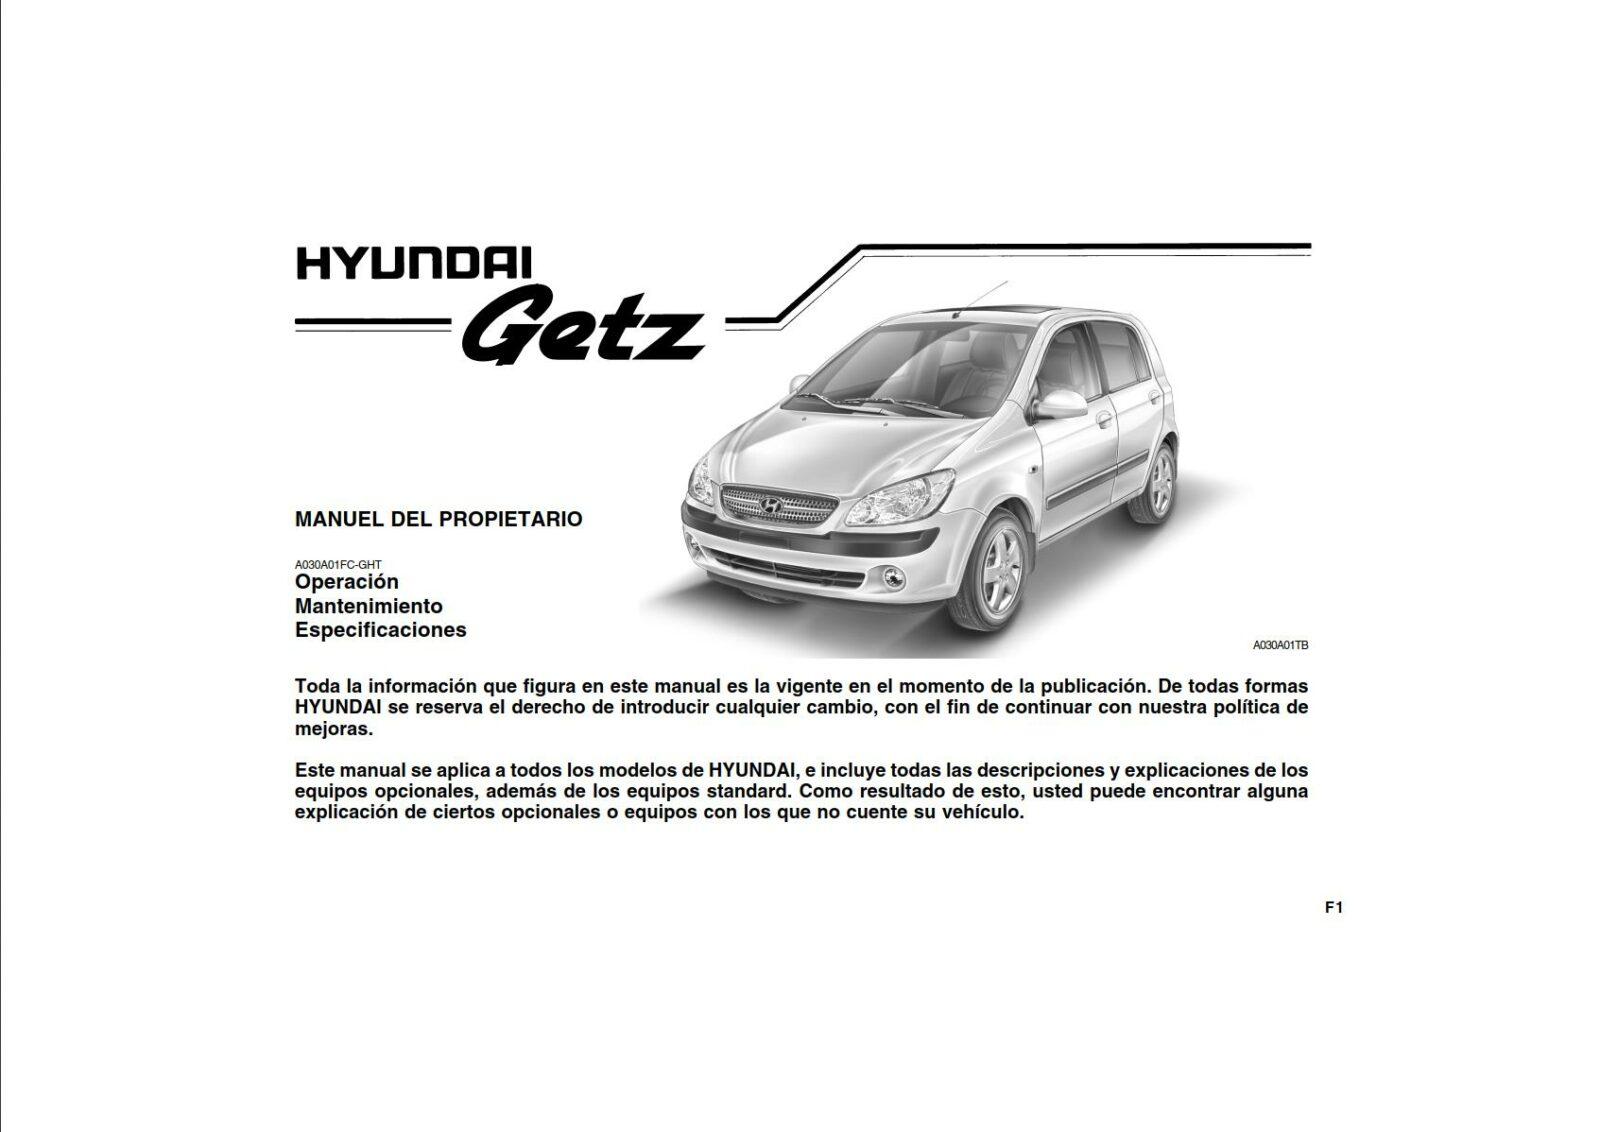 Hyundai Getz 2011 Owner's Manual